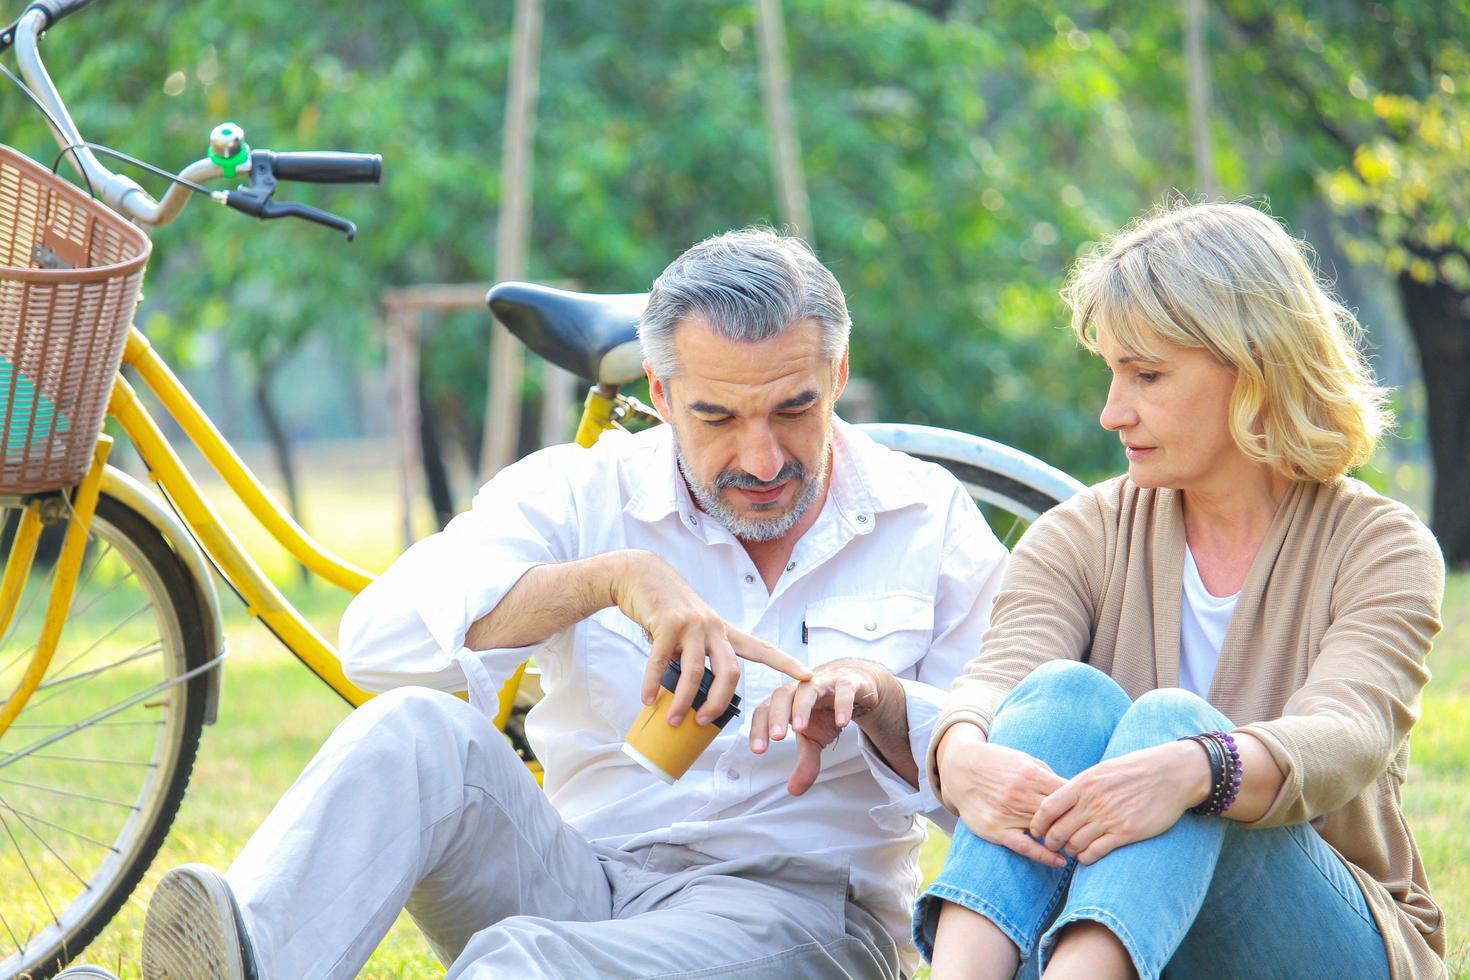 coppia matura seduto sul prato in un parco foto